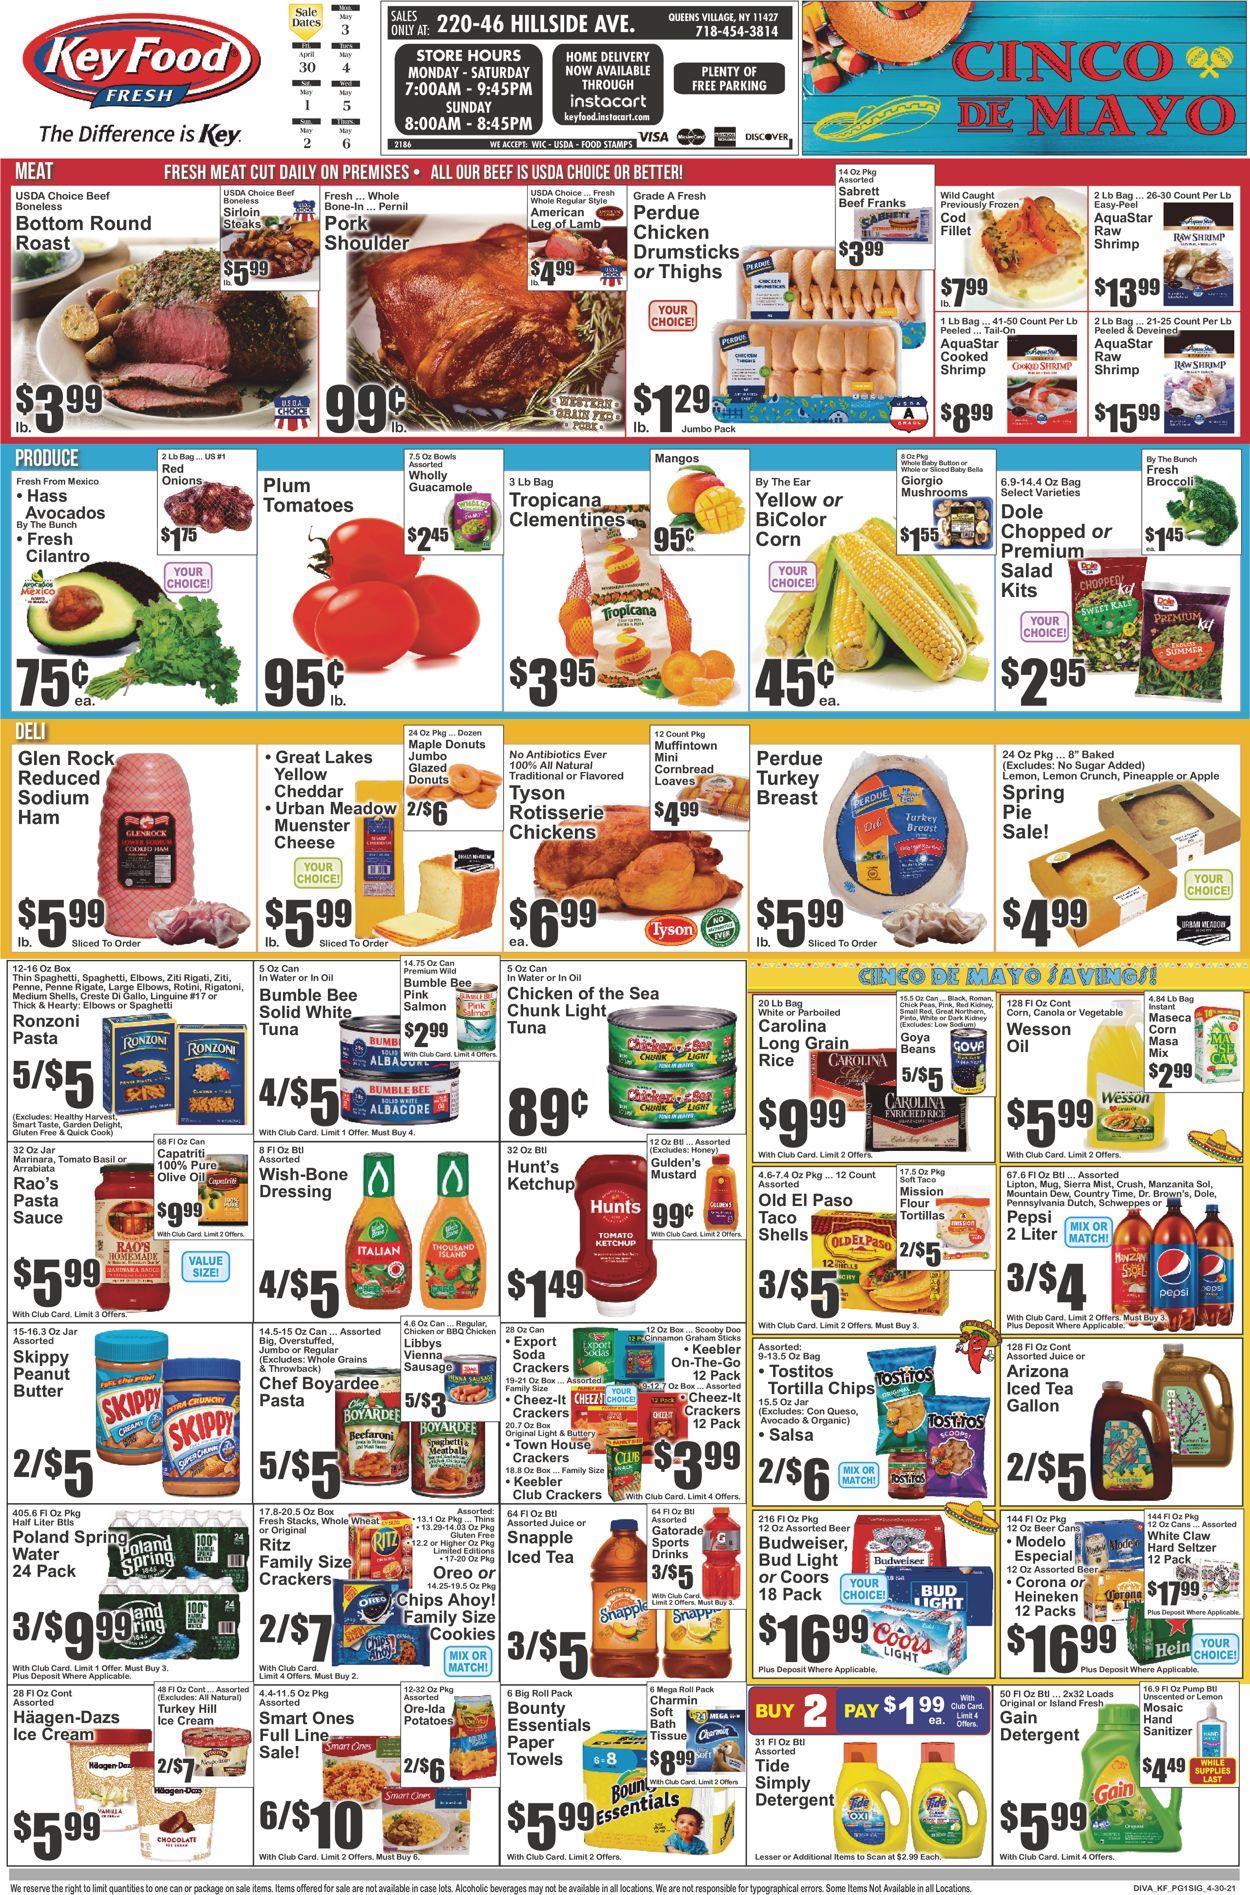 Key Food Weekly Ad Circular - valid 04/30-05/06/2021